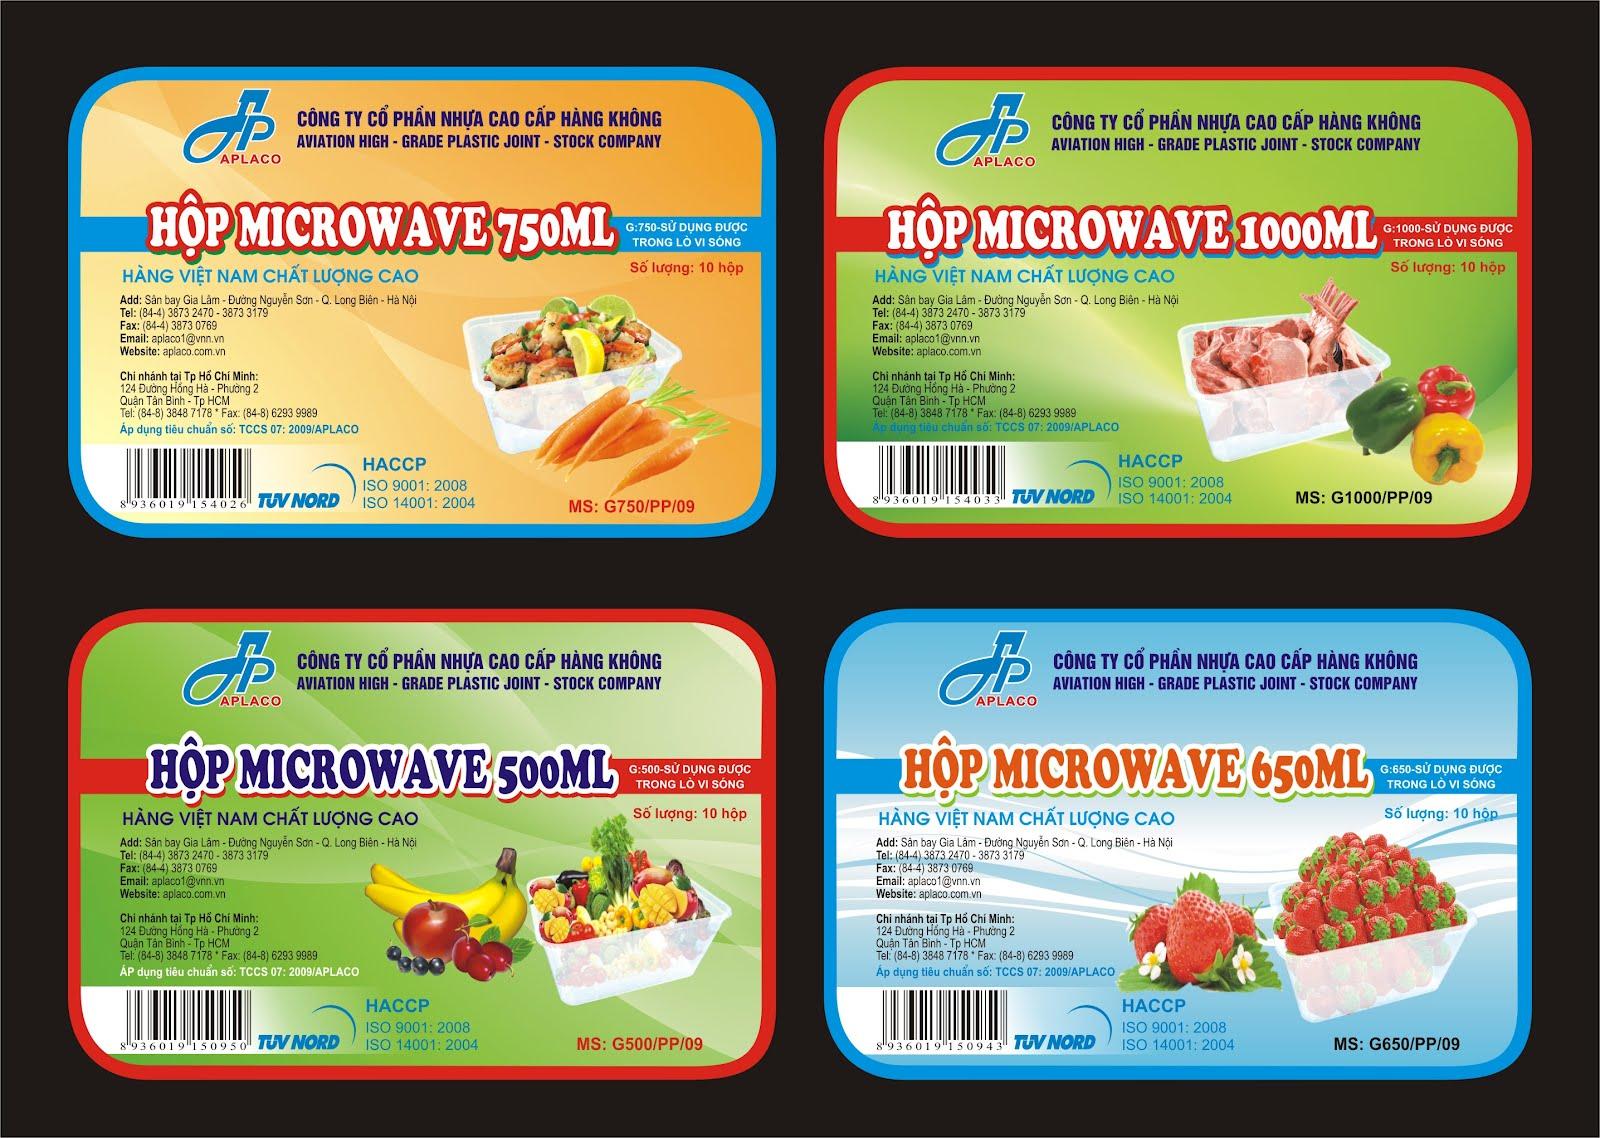 Phương diện quảng cáo sản phẩm của decal